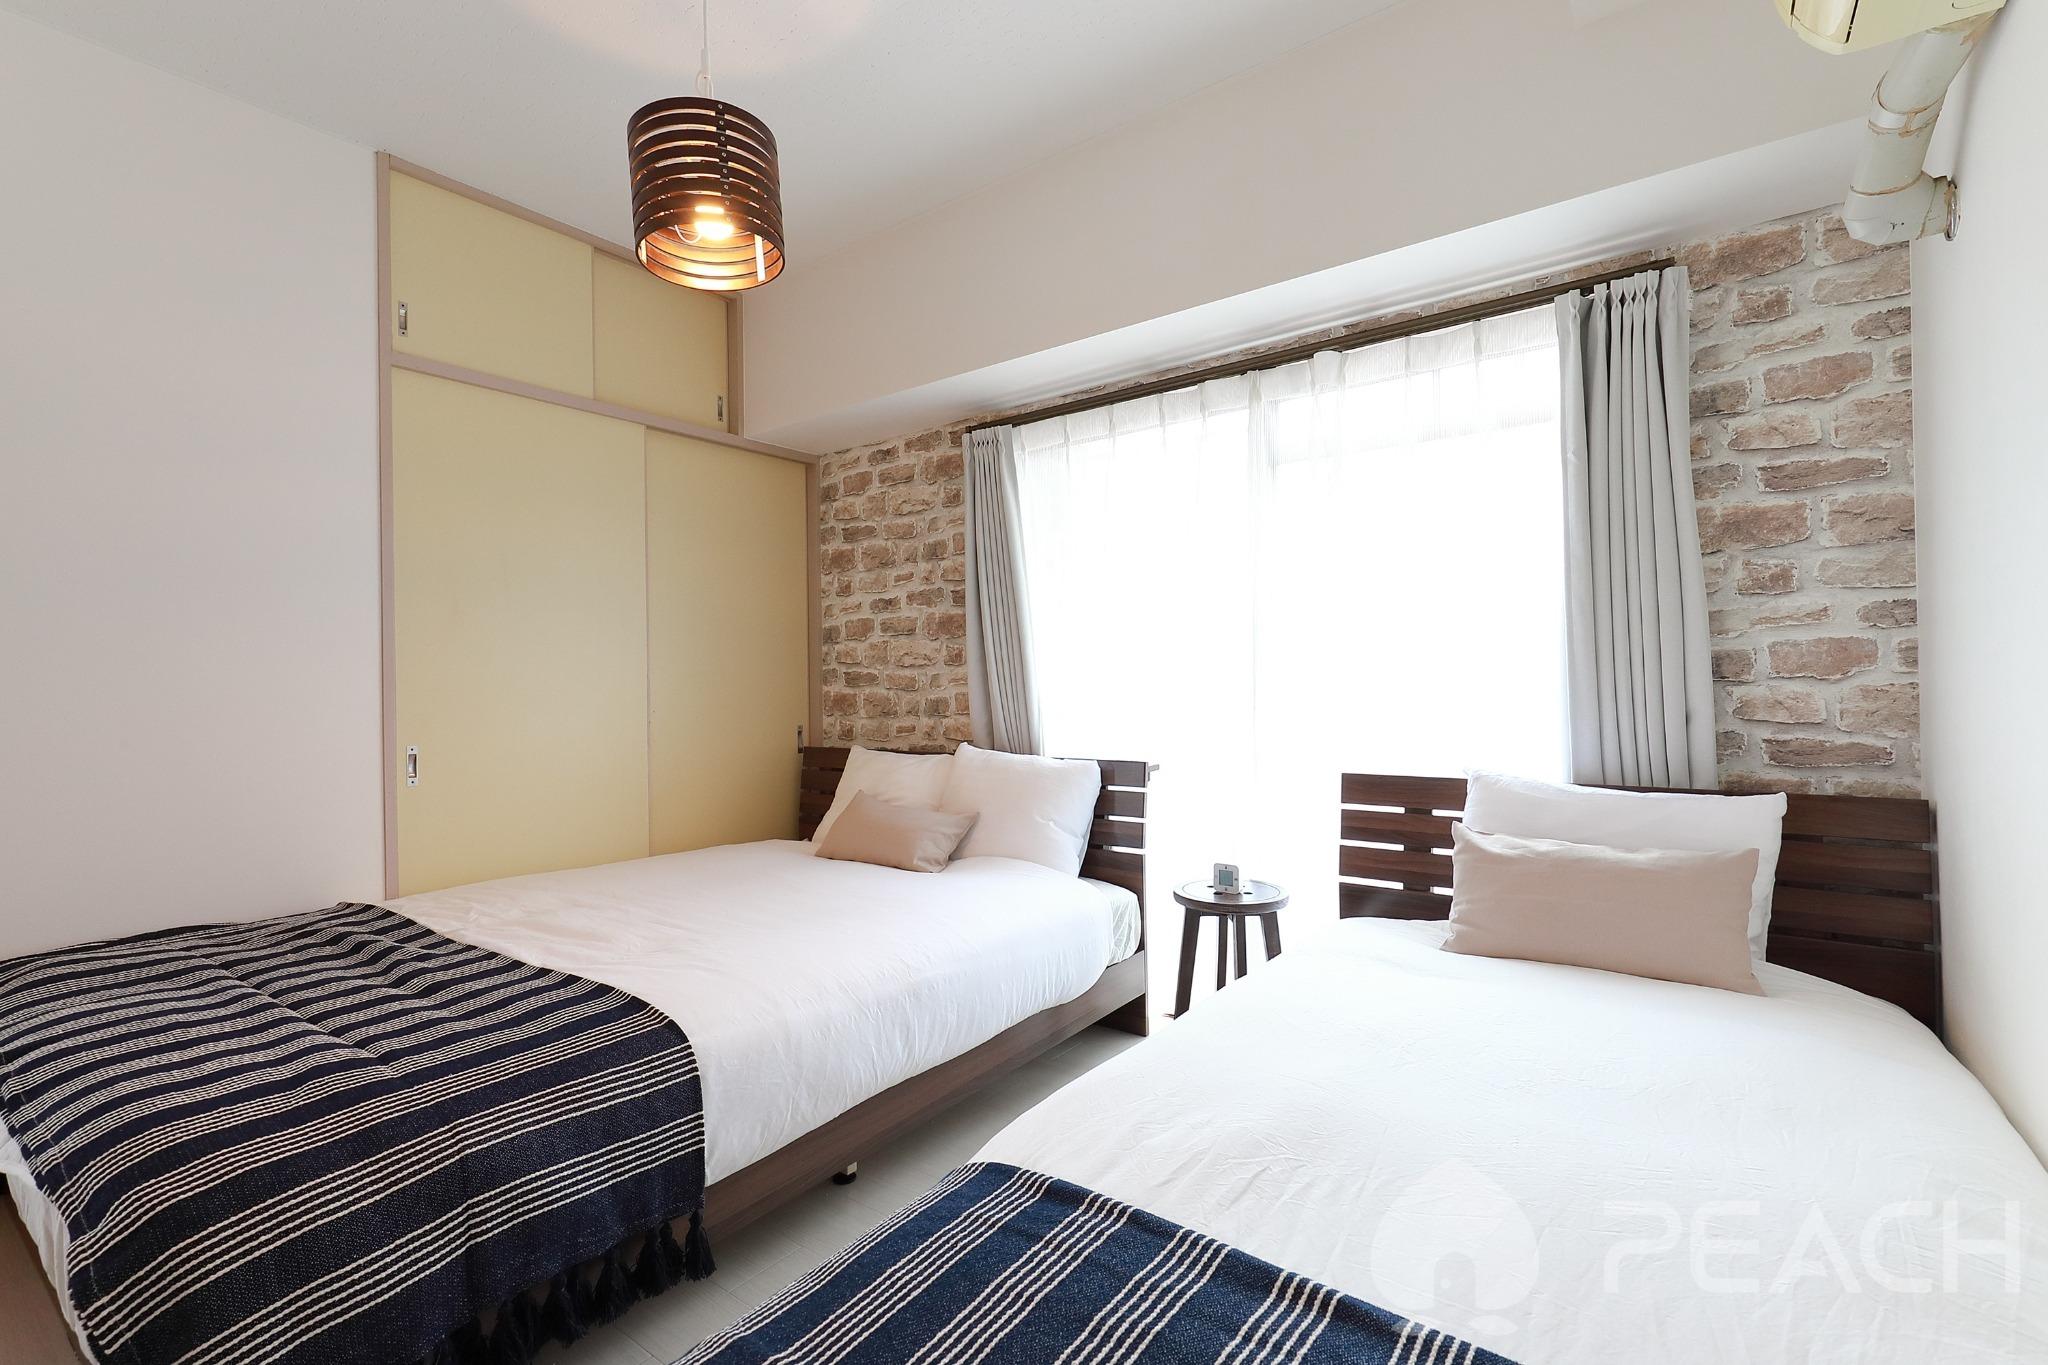 bed room B (140cm×200cm) (90cm×200cm)